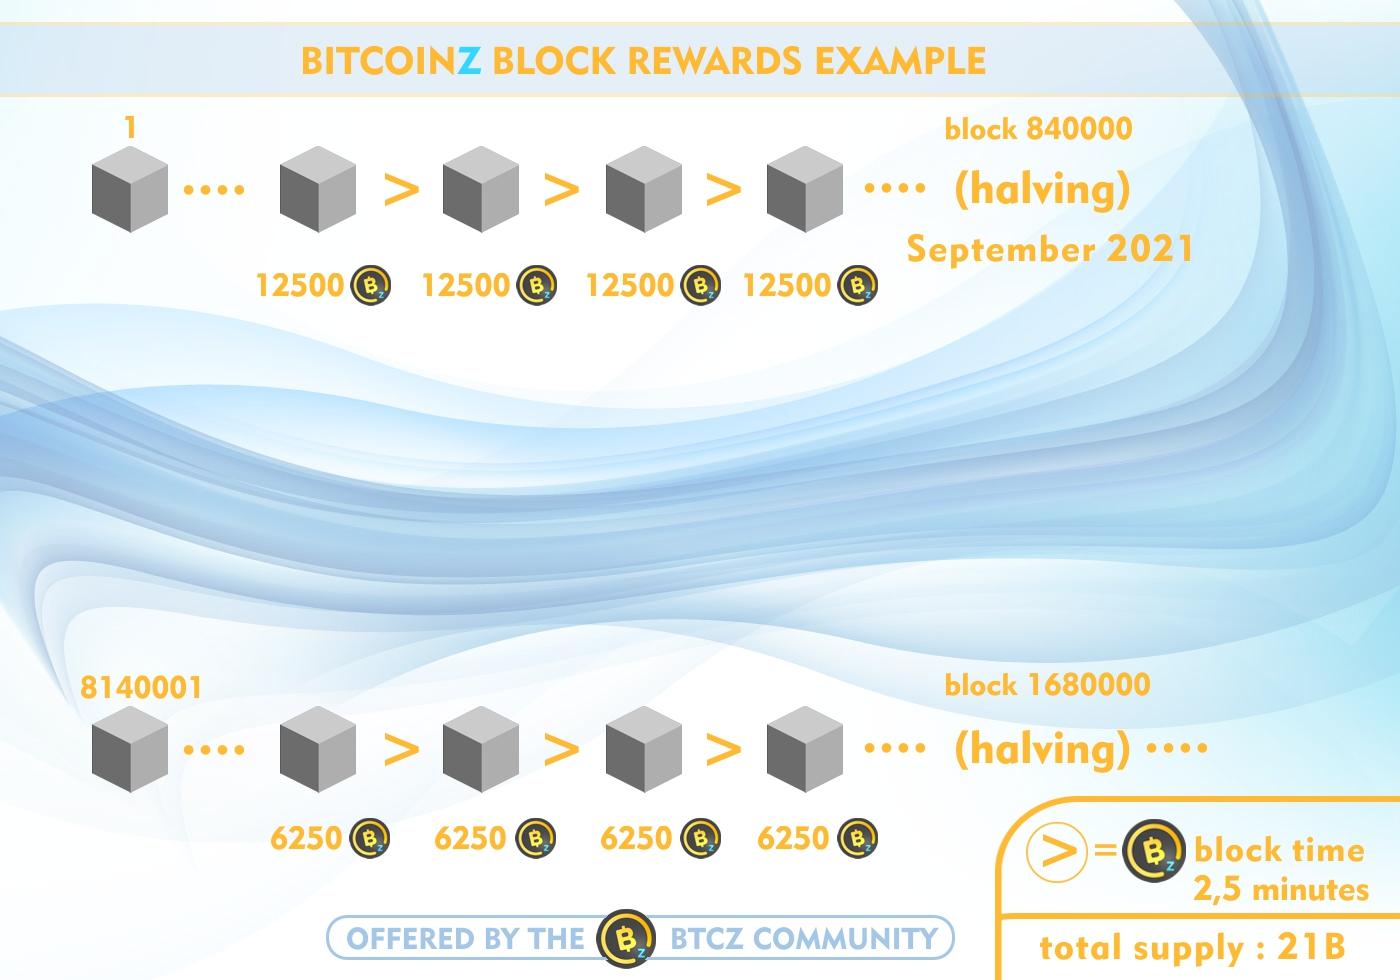 BitcoinZ halving plan example